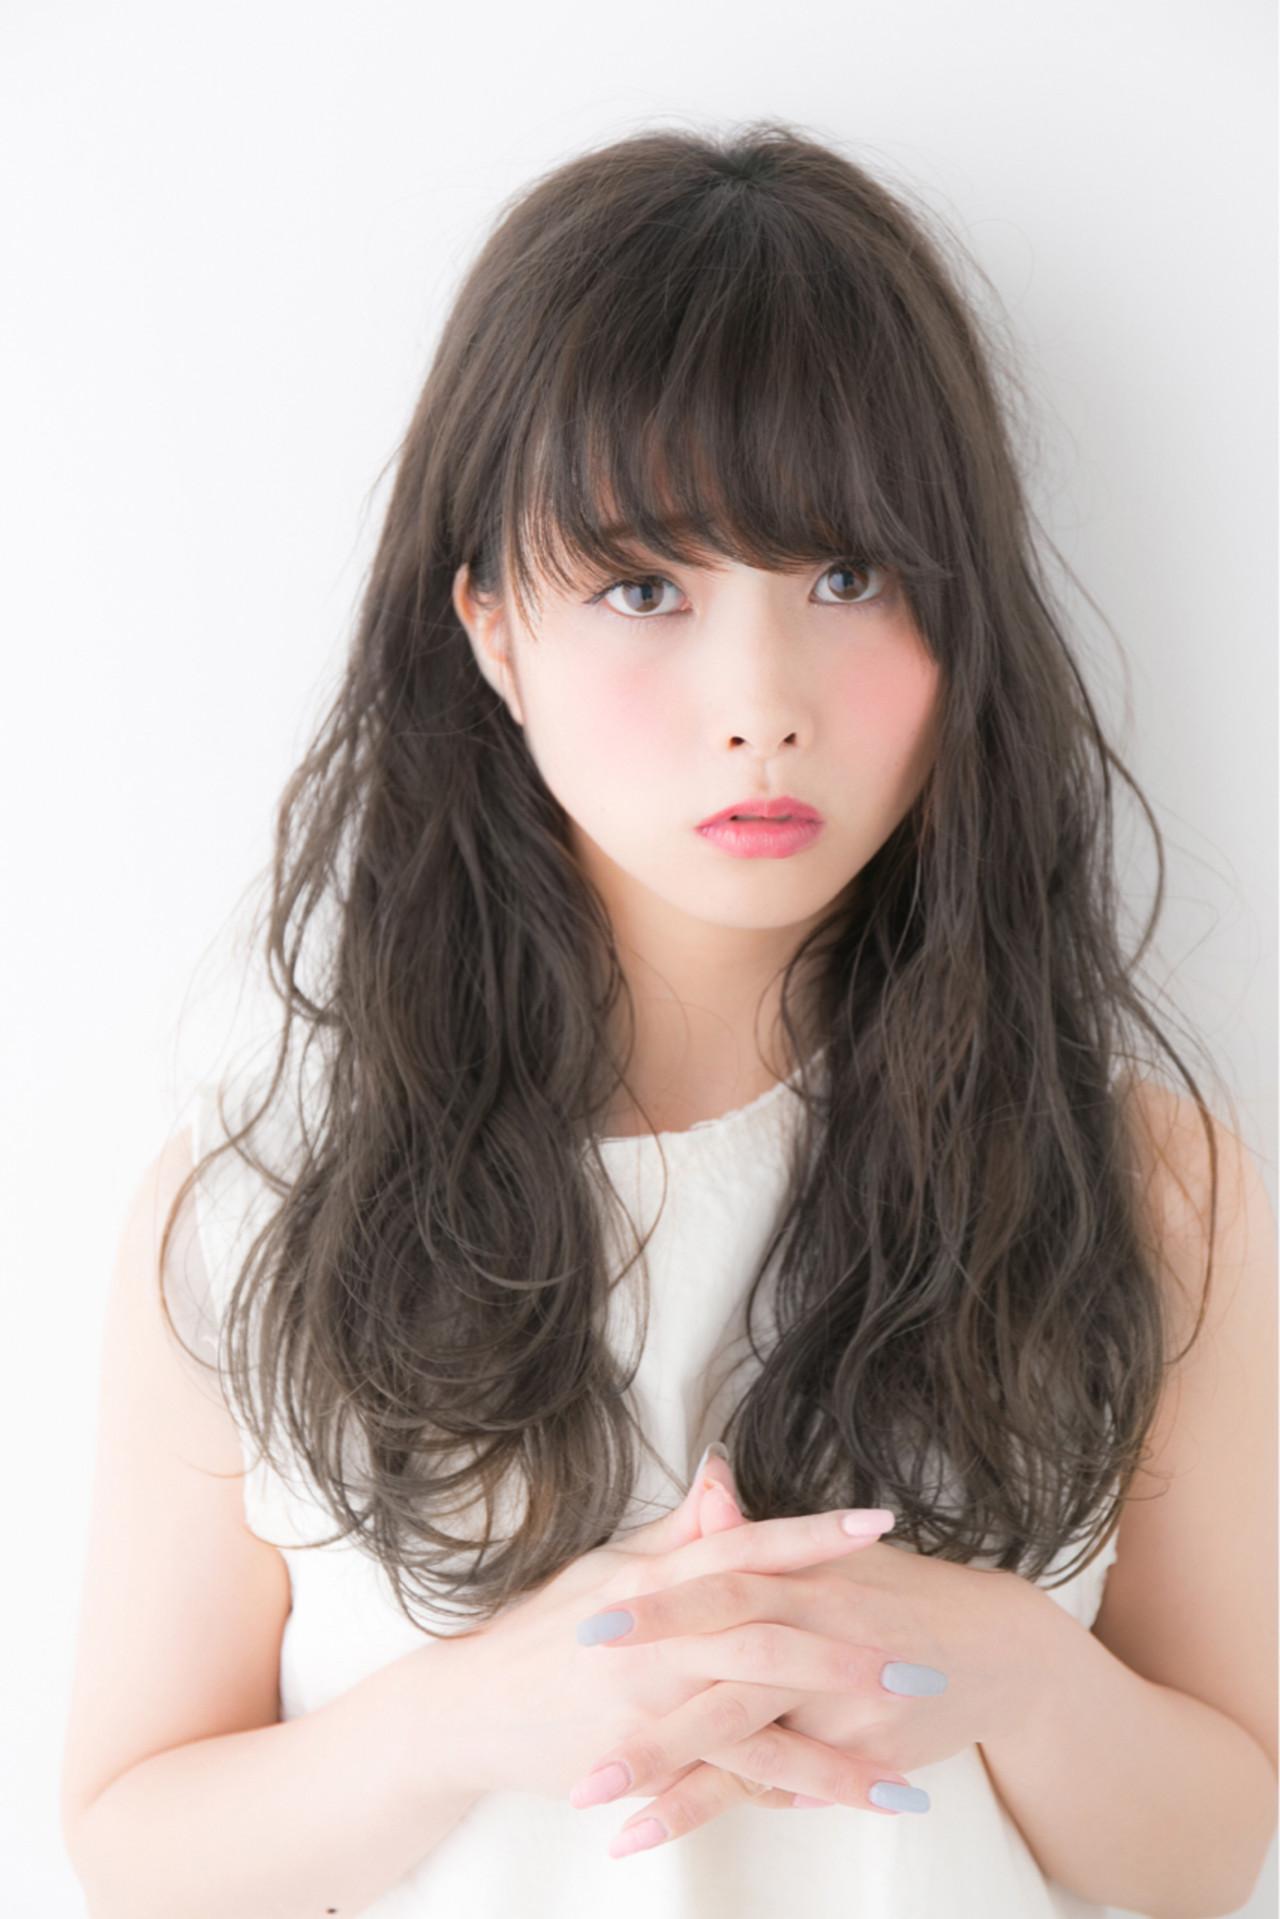 パーマでレベルアップ!無敵のかわいさ♡黒髪セミロング 羽田ひろむ / LAiLY by GARDEN